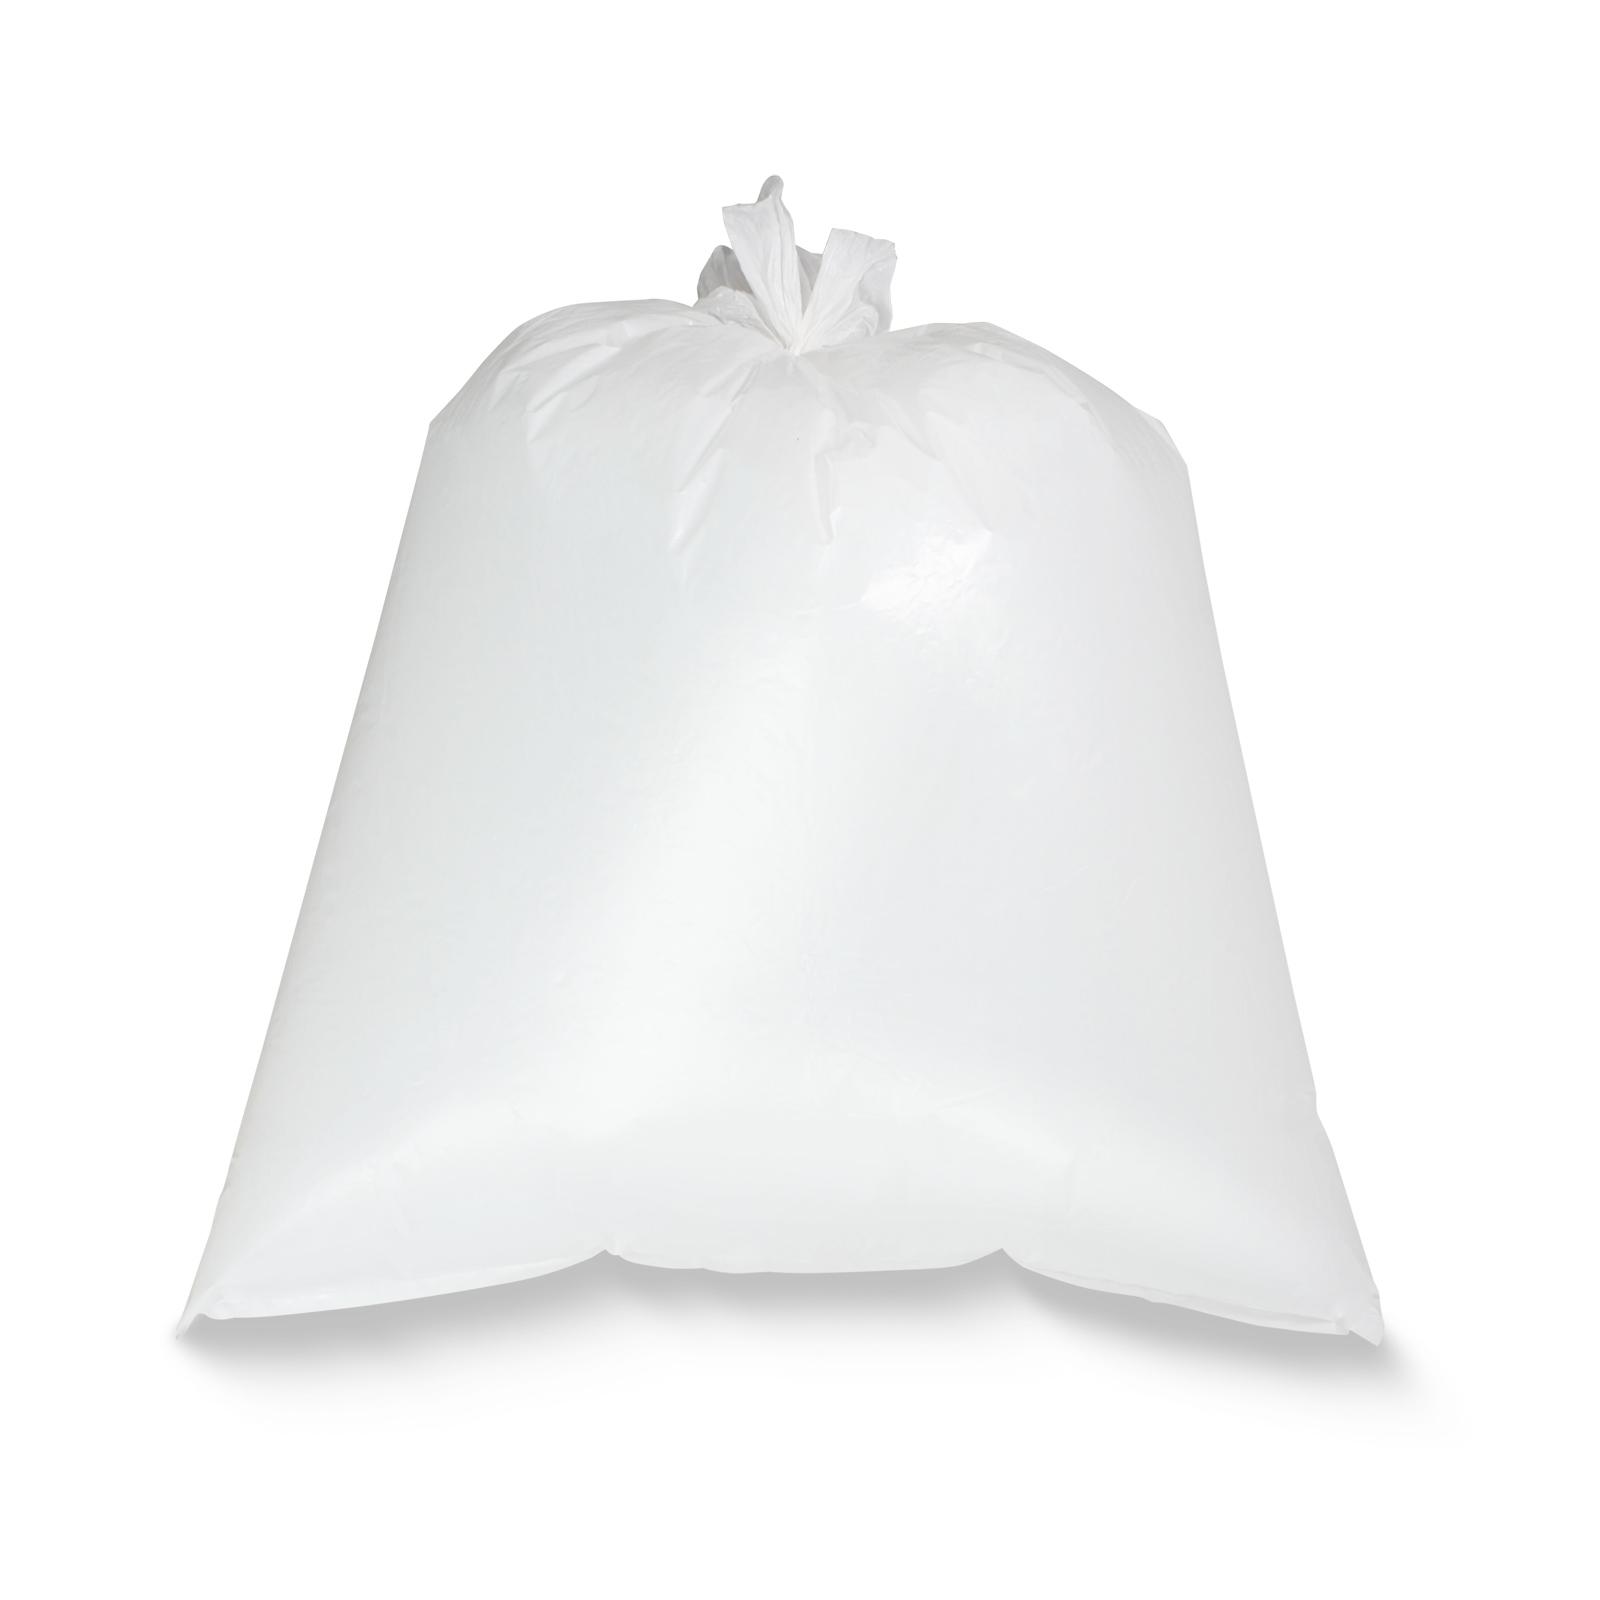 킹스봉 평판형 분리수거 비닐 봉투 투명 대형, 120L, 50개